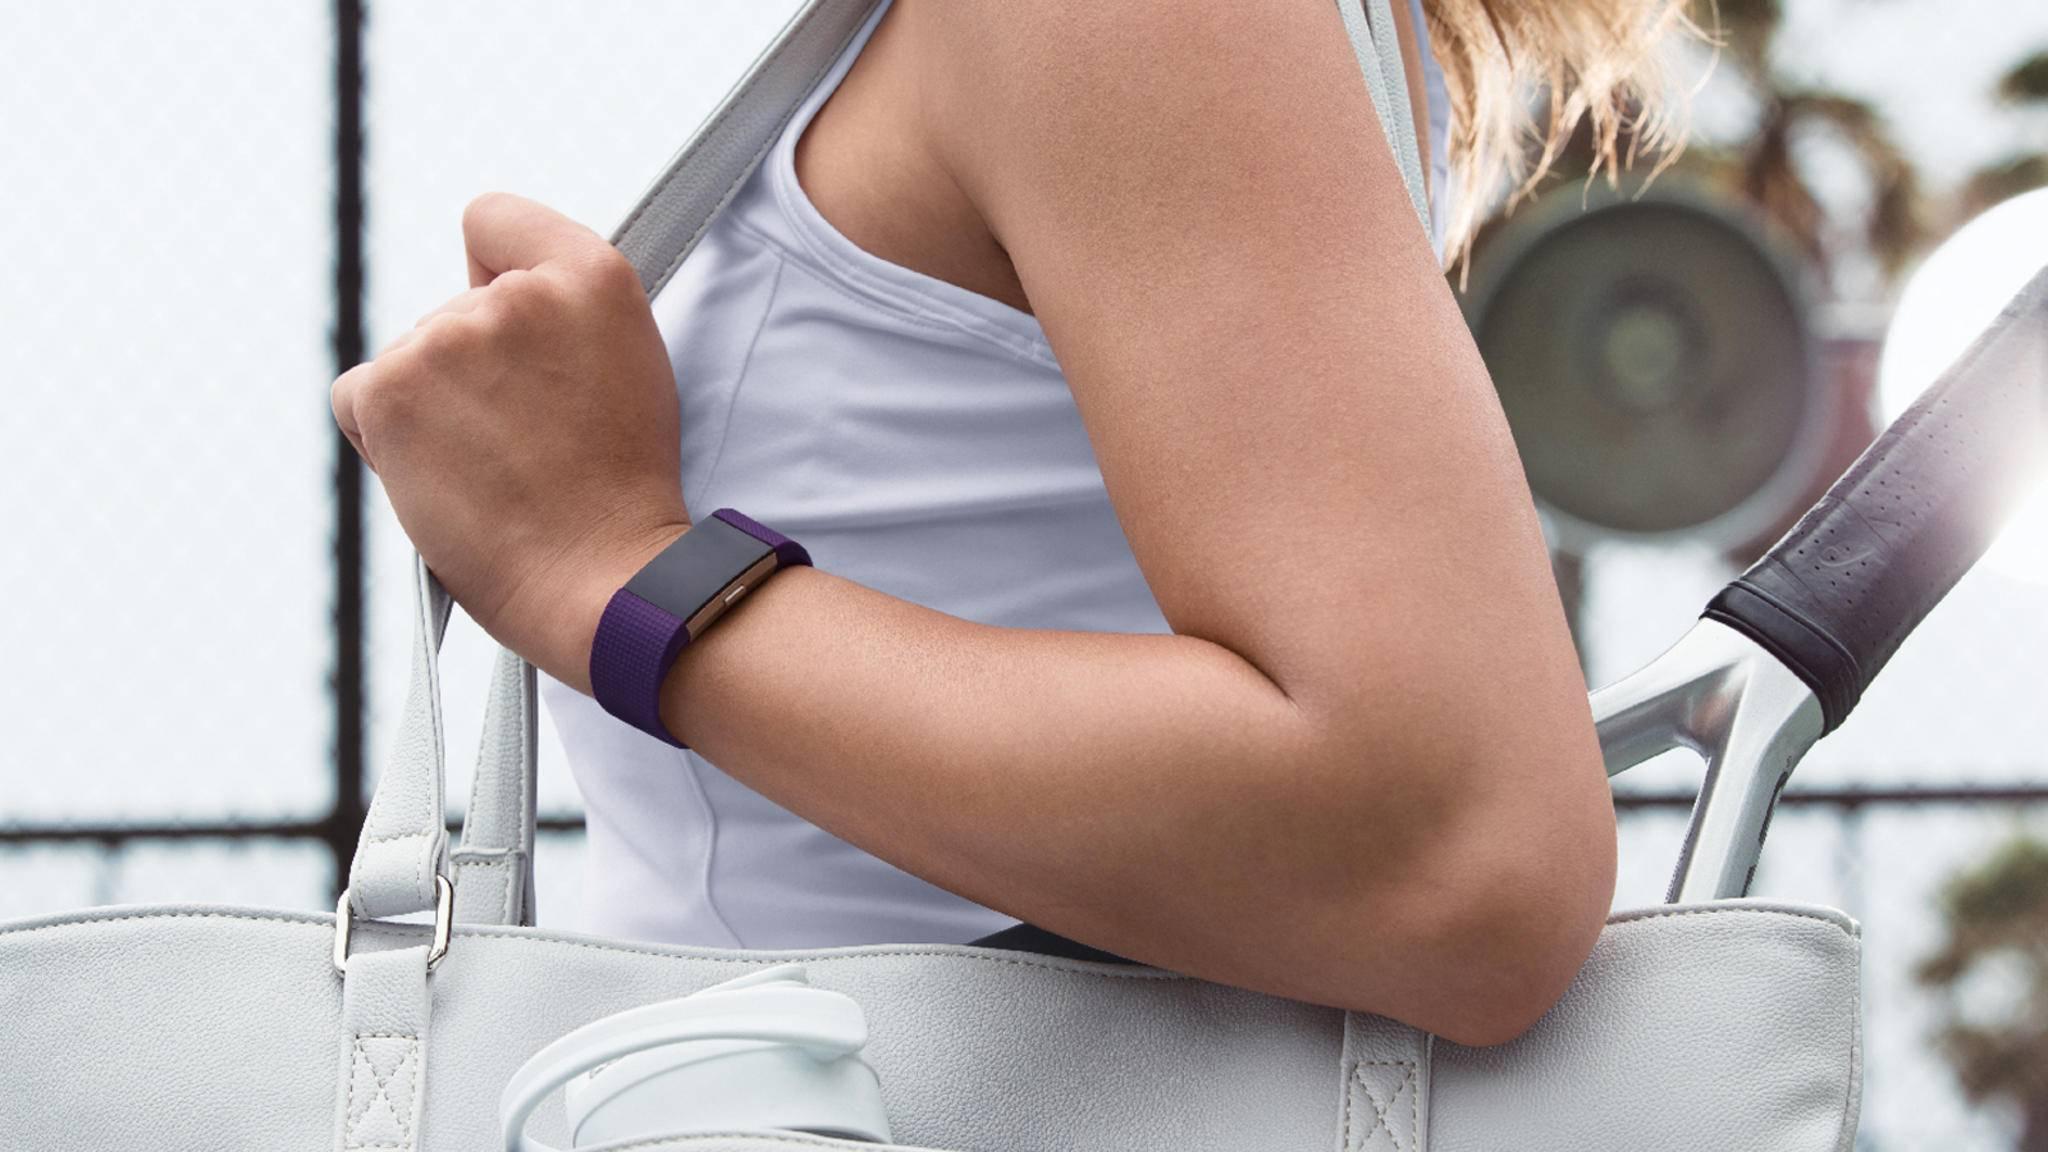 Mit der Fitbit-App kannst Du ganz einfach einen neuen Tracker oder ein weiteres Fitbit-Gerät in Deinem Mitgliedskonto einrichten.